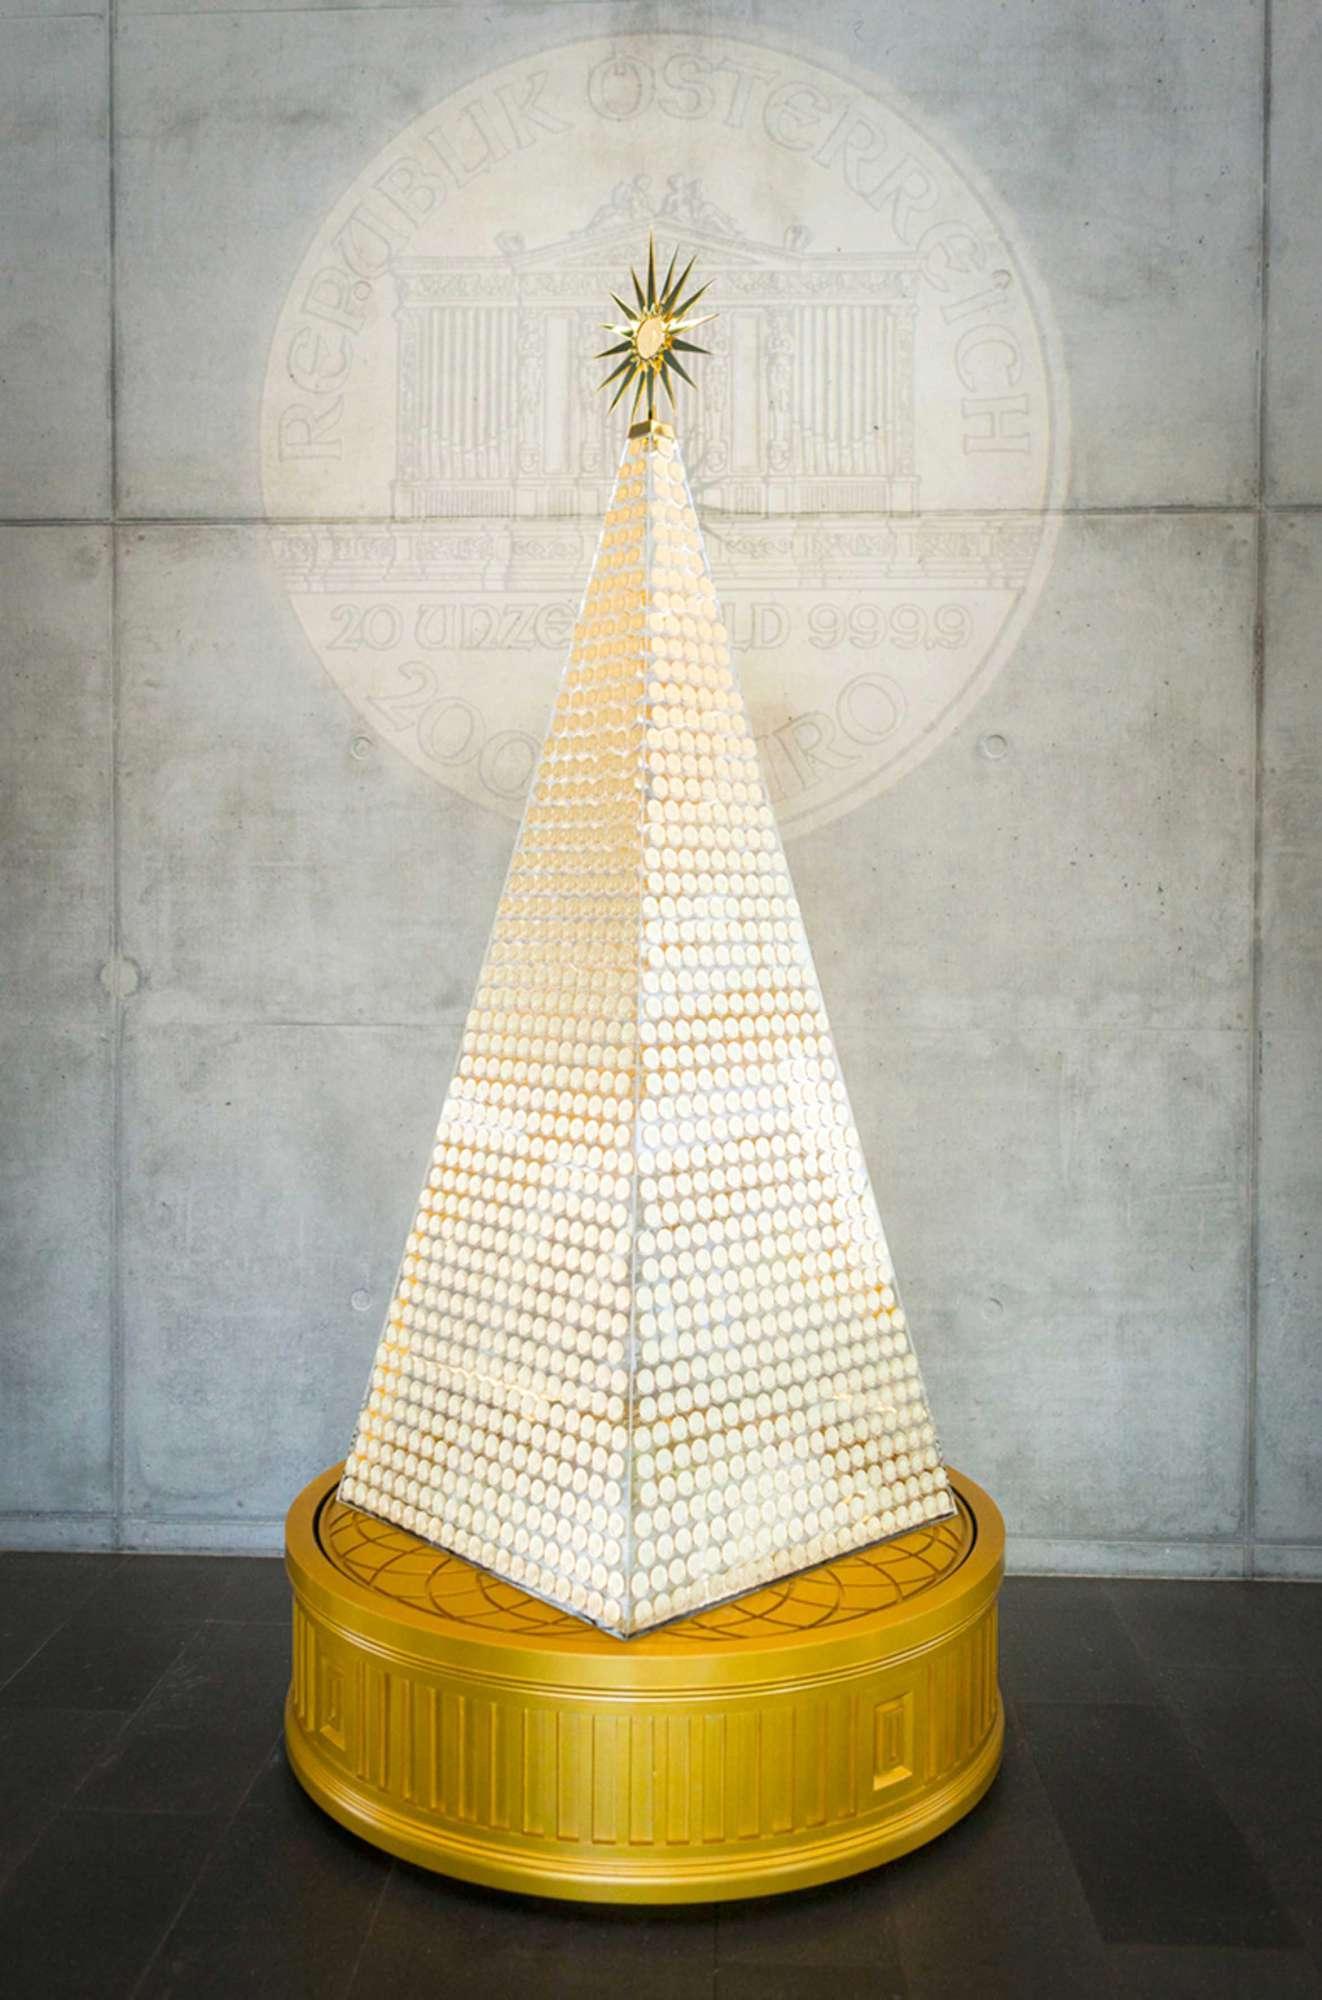 Albero Di Natale Zecchino Doro.In Germania L Albero Di Natale Piu Ricco Del Mondo Foto Tgcom24